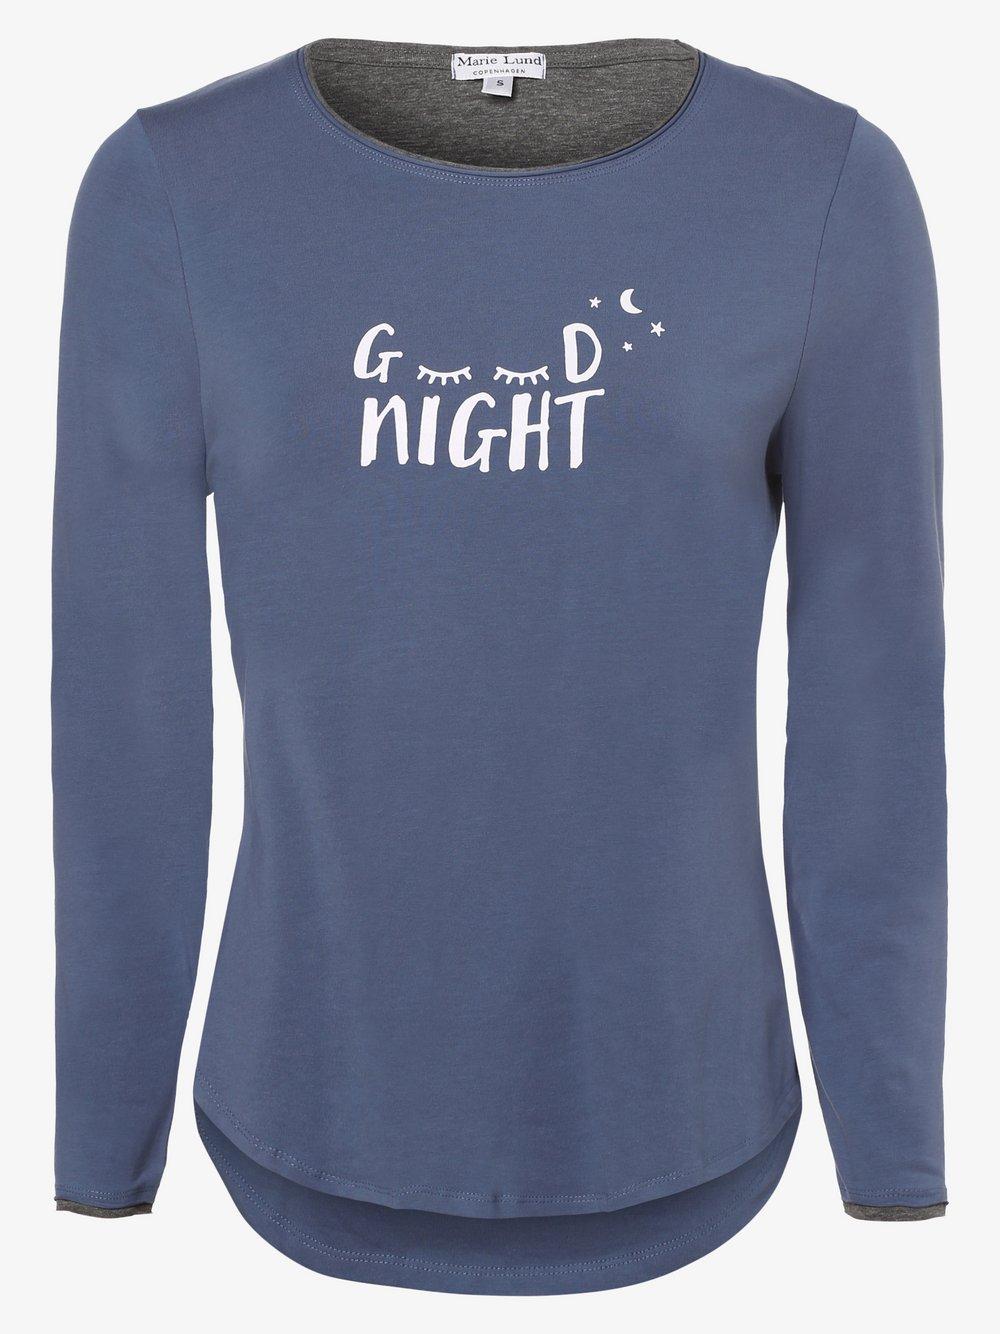 Marie Lund - Damska koszulka od piżamy, niebieski